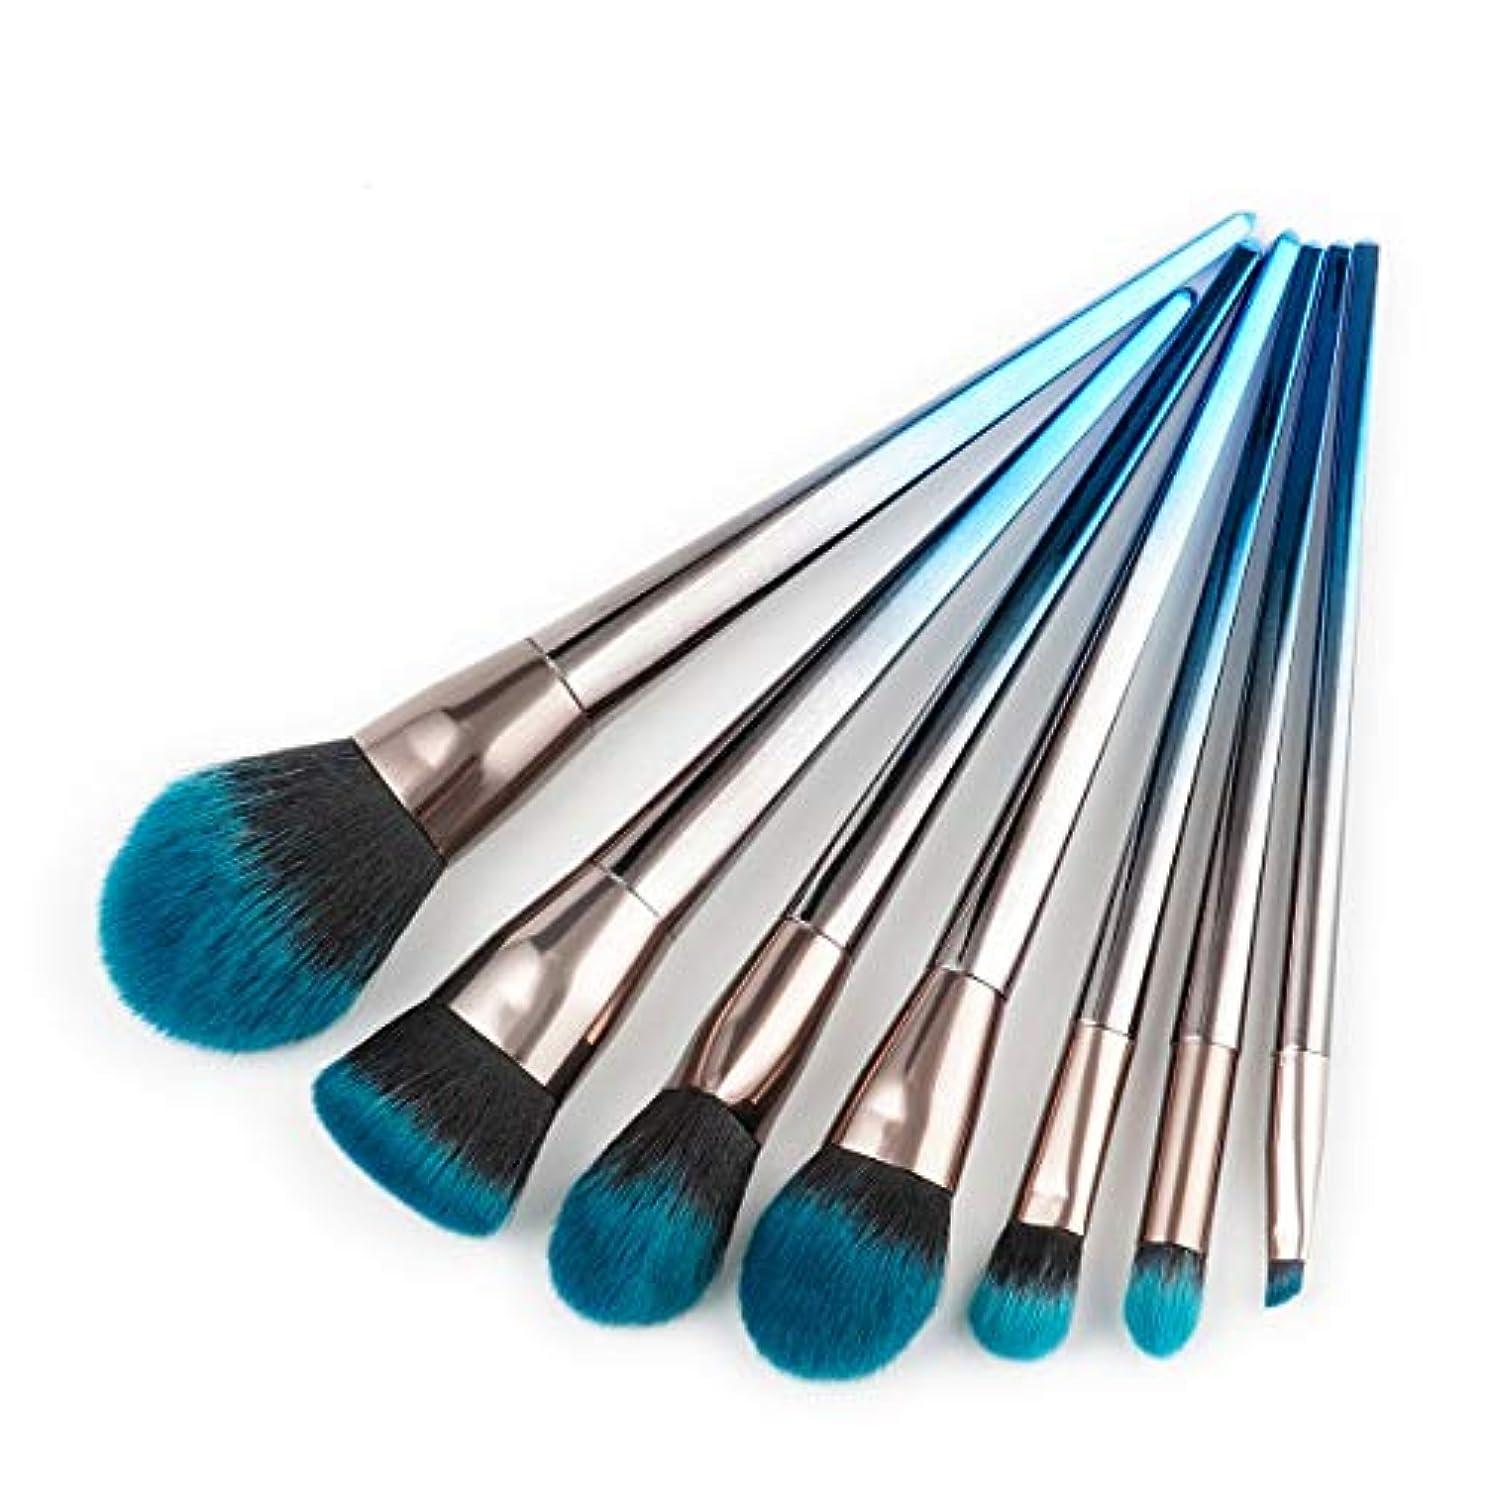 祈り製造マインドMakeup brushes 7ピースブルーブラックグラデーションメイクブラシセット整形ファンデーション赤面アイシャドウリップブラシフェイシャルメイクアップツール suits (Color : Blue and black...